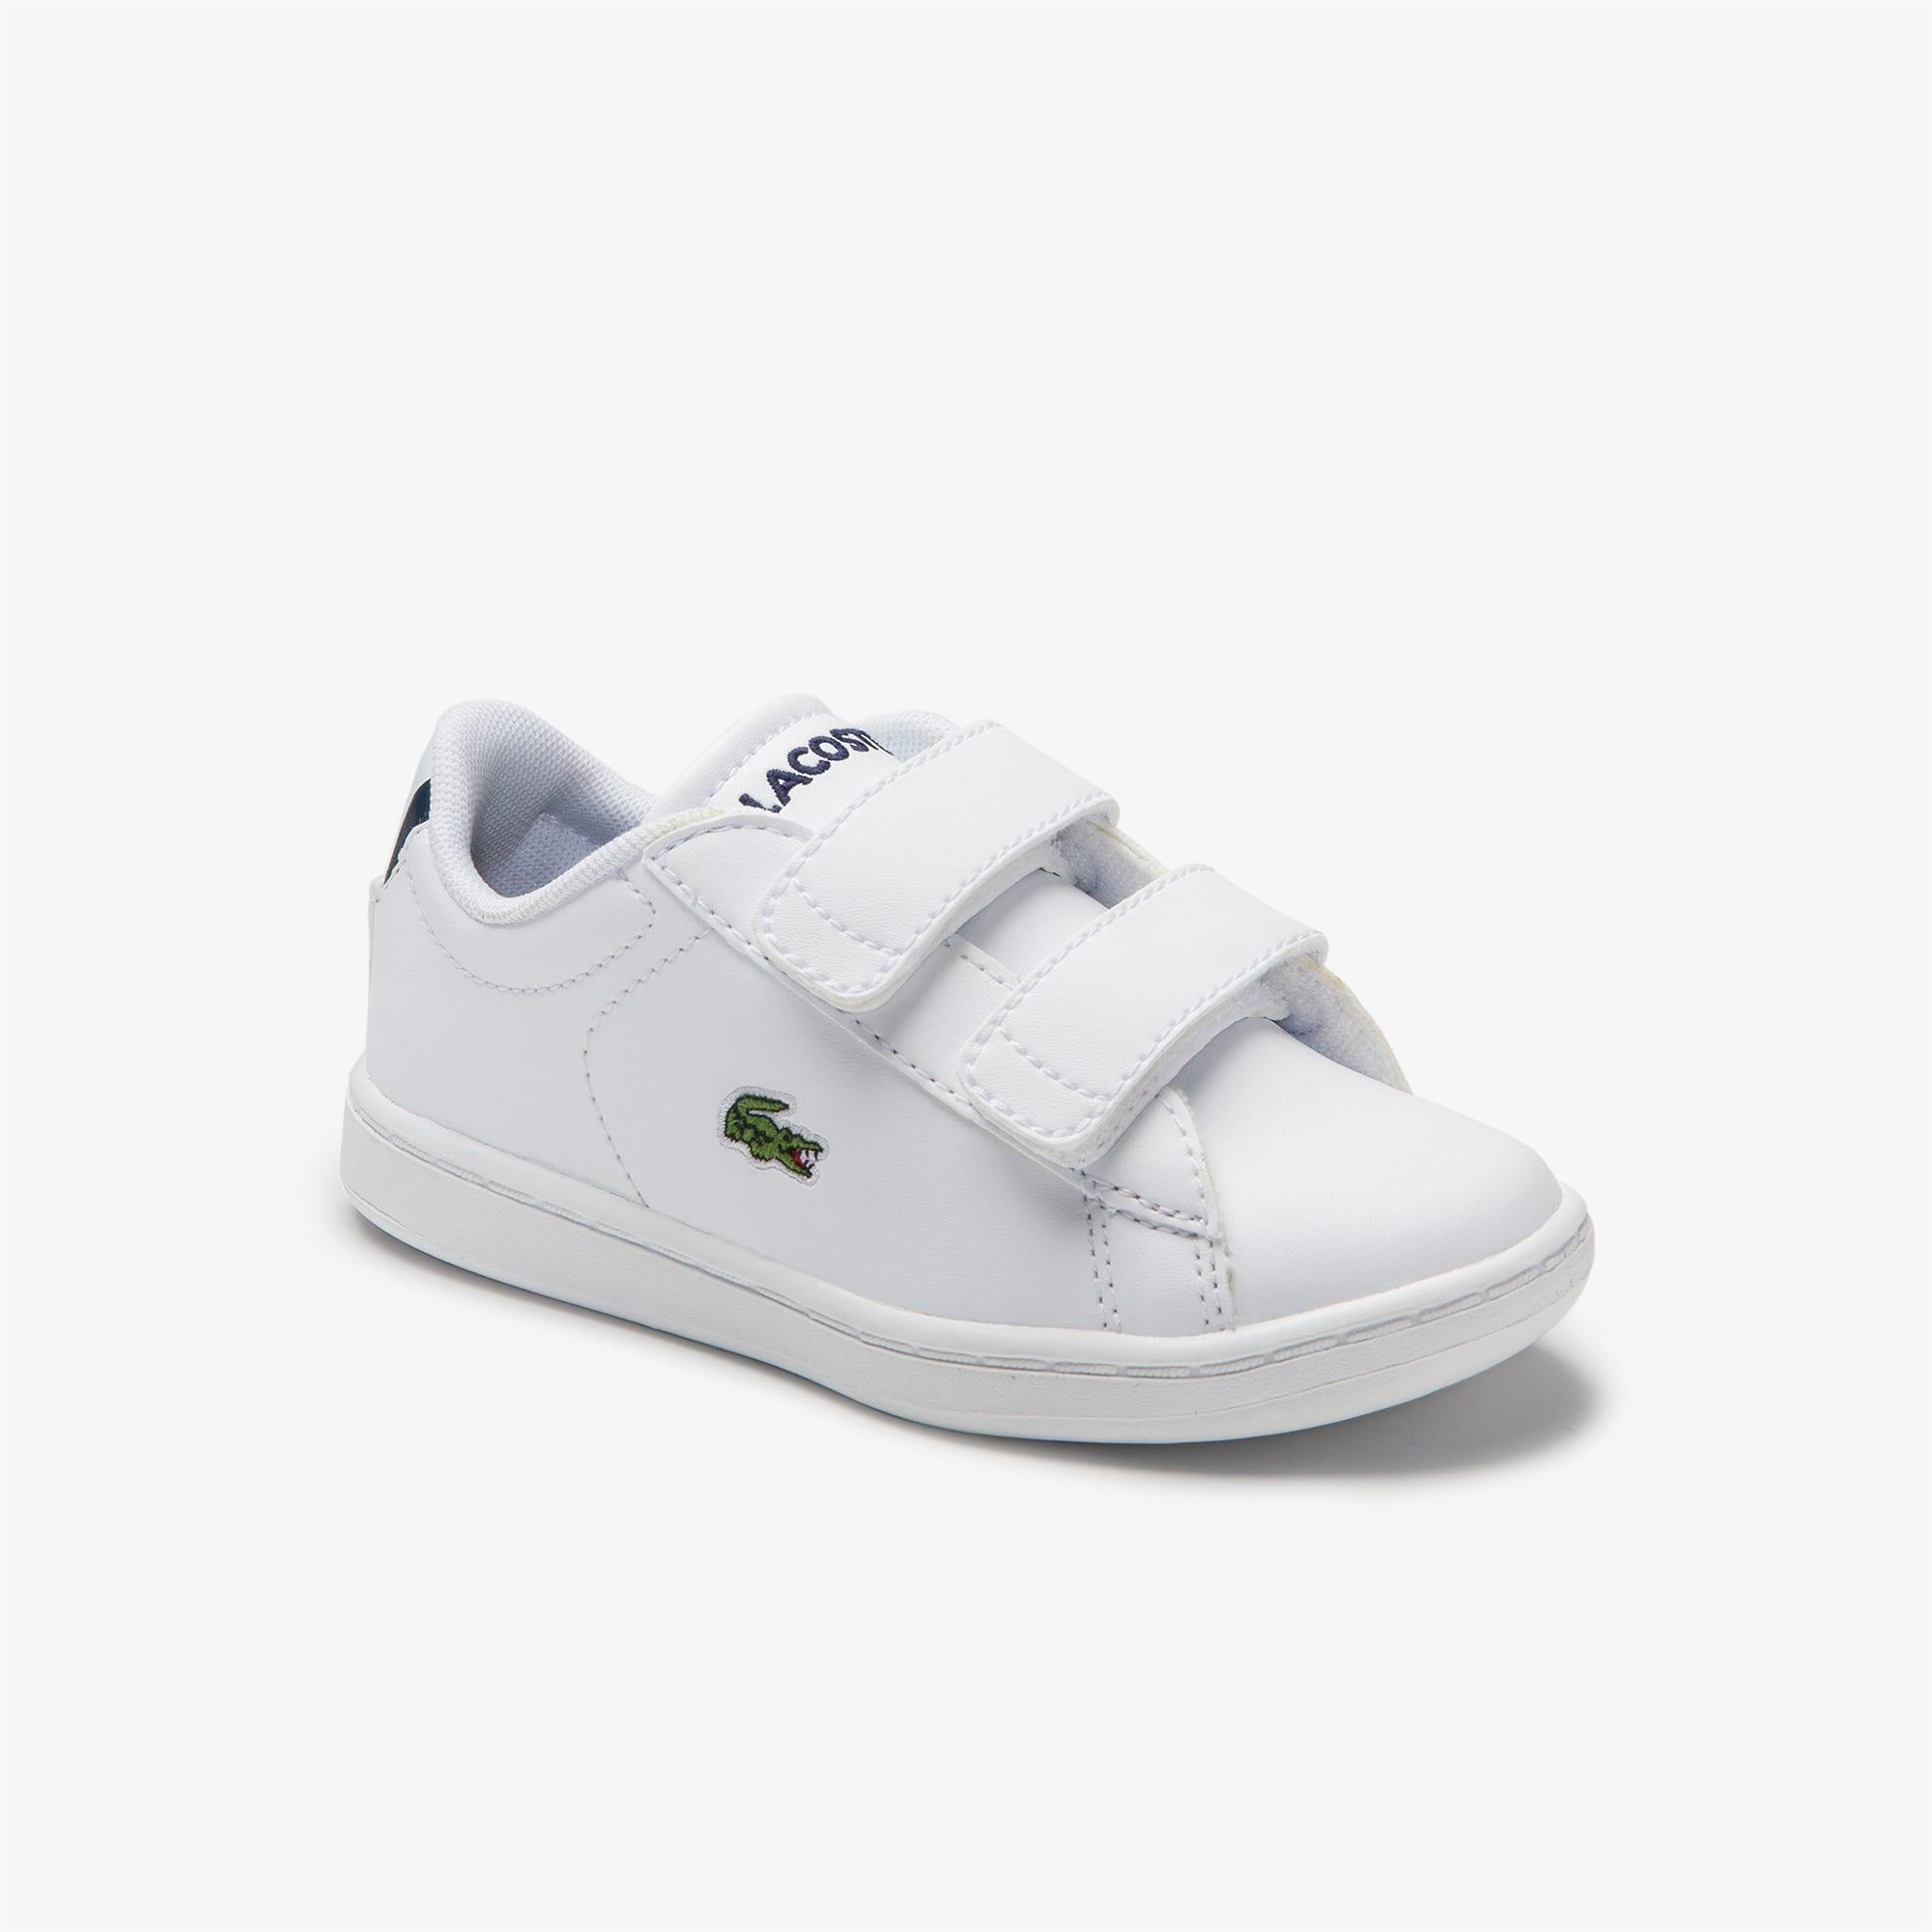 Shoes | Kids Sport | LACOSTE SPORT